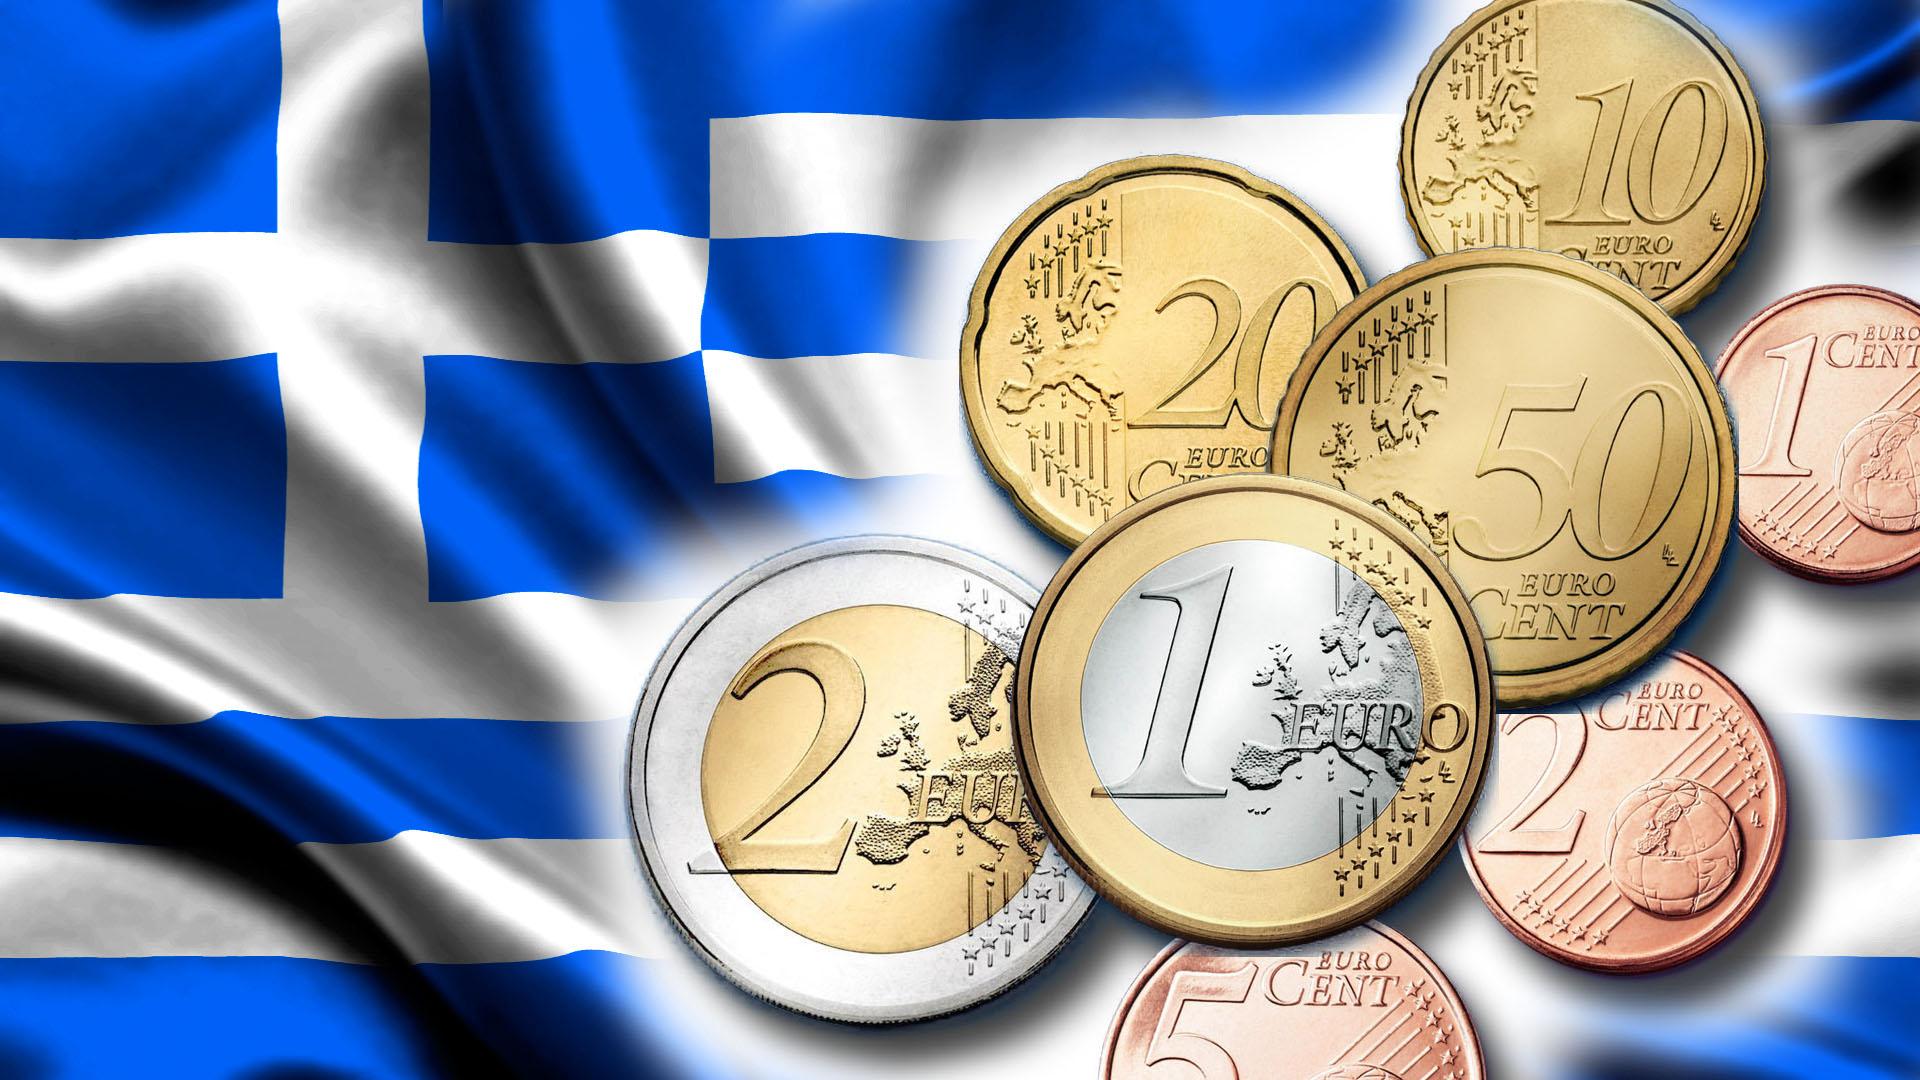 фото денег греции взять этот прием